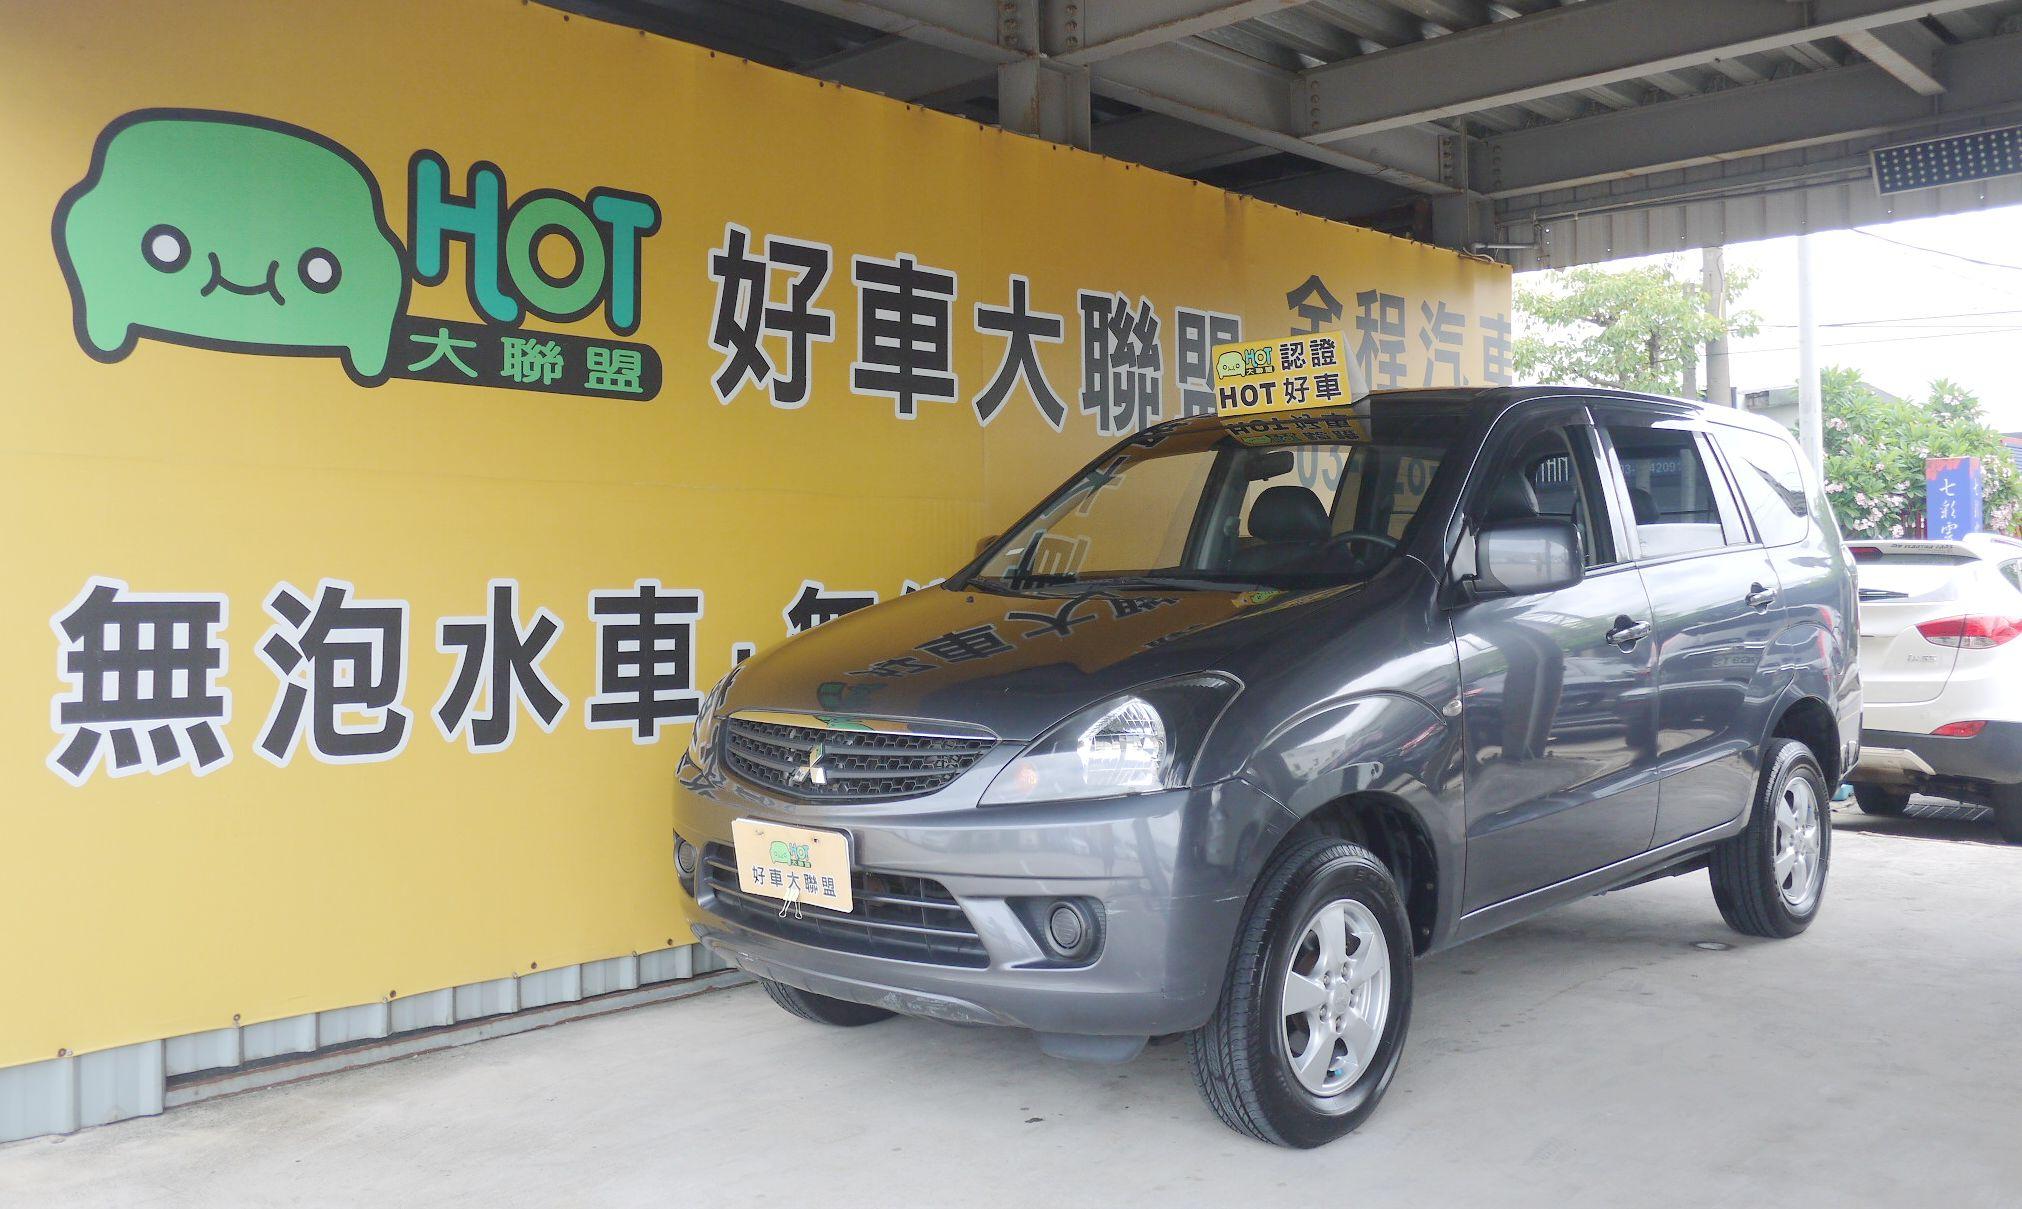 2013 Mitsubishi Zinger